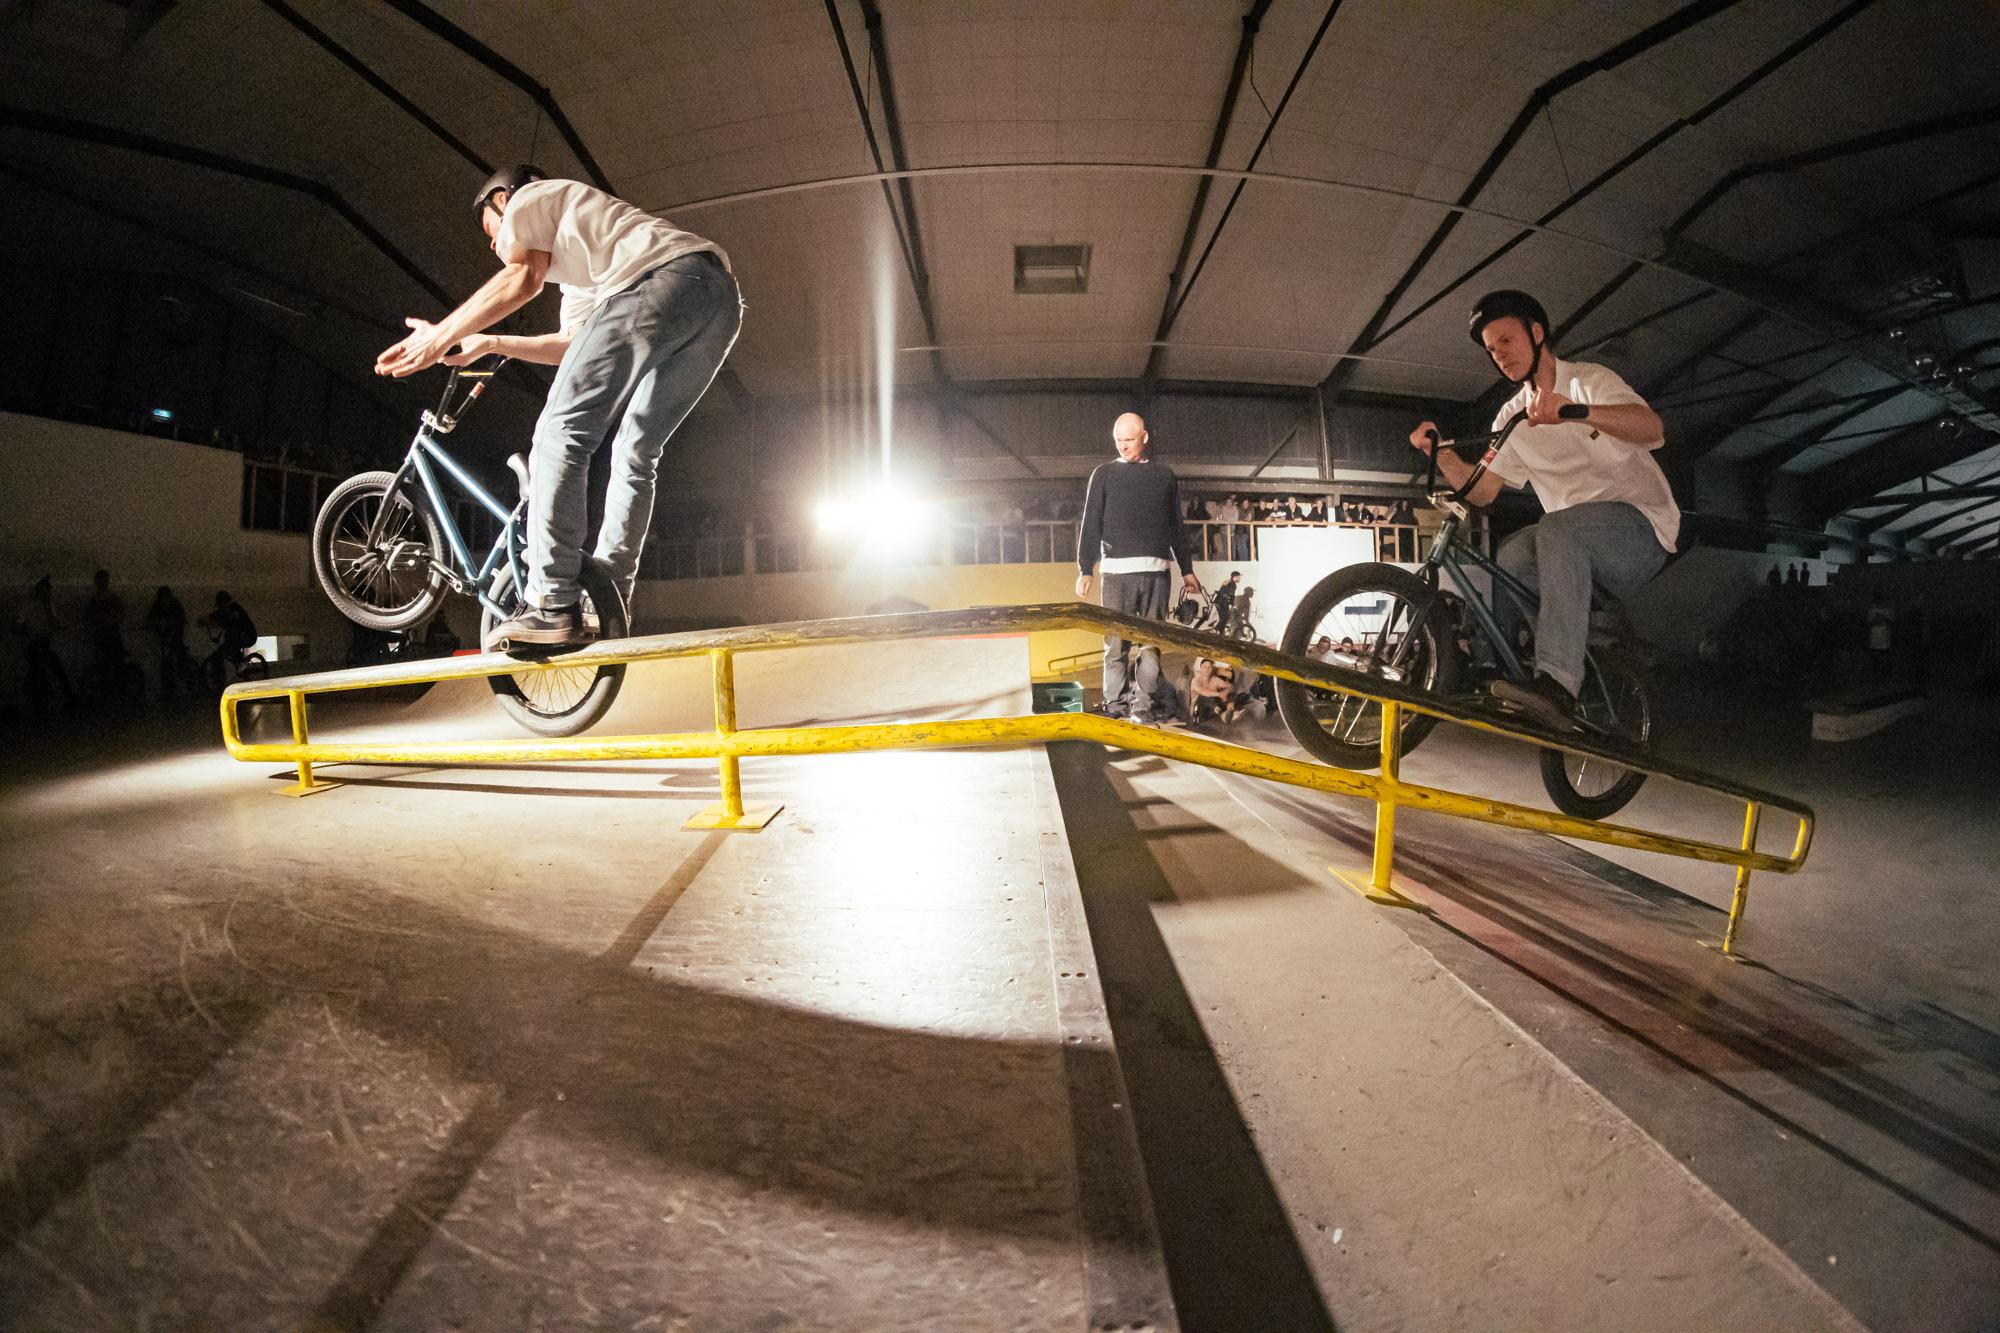 Malte Thumann mit einem der besten Moves des Best-Rail-Contests: Uprail to Rocket Ice Barpin. Im Hintergrund sehen wir übrigens The Medialist dabei, wie er den Clip verpasst